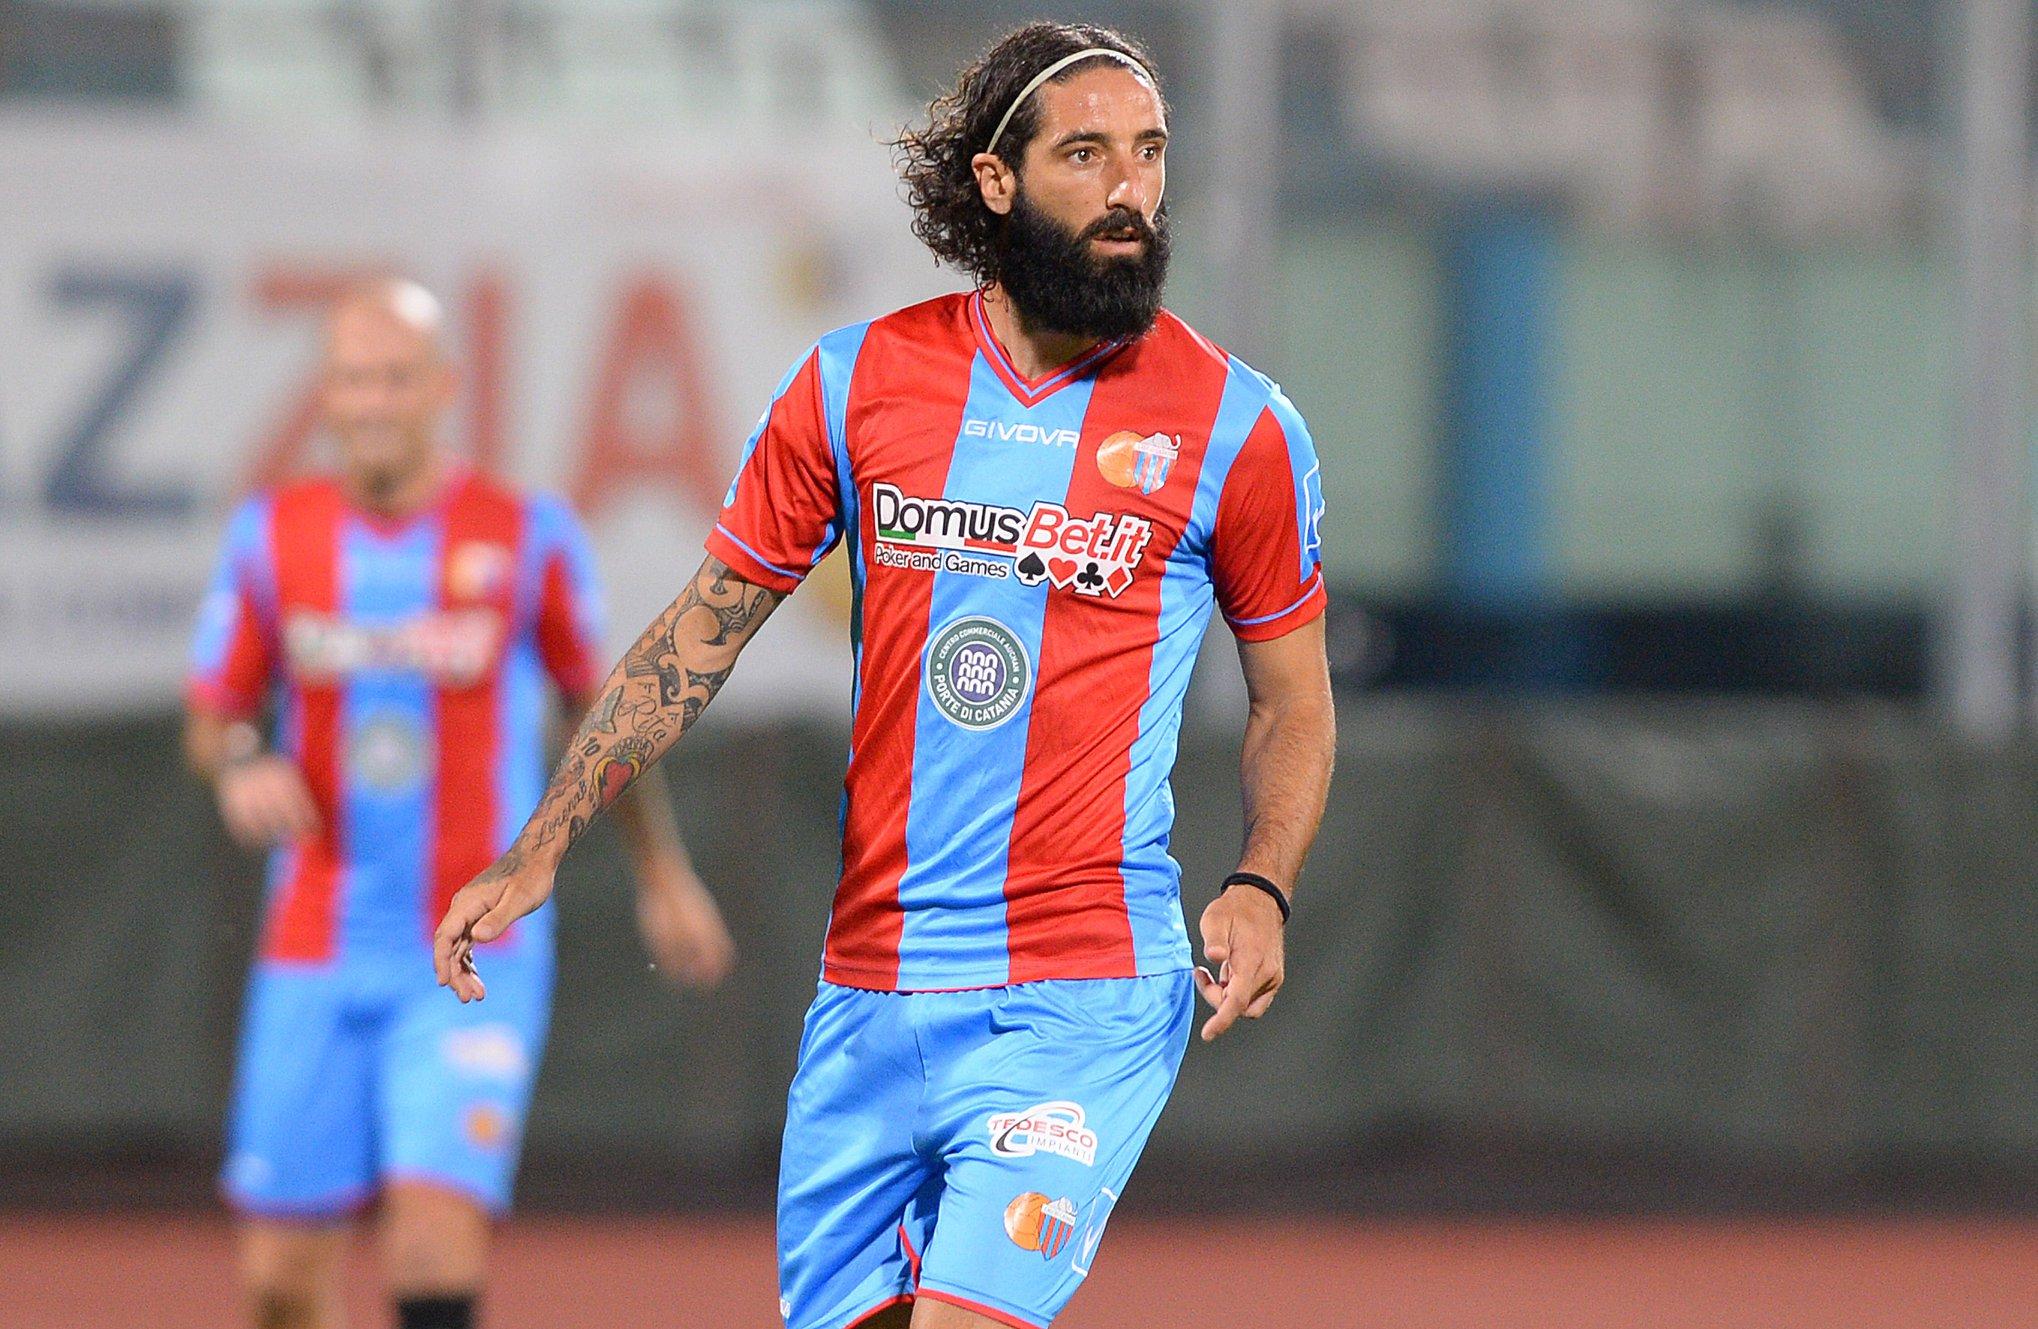 Casertana-Catania 13 ottobre: si gioca per il gruppo C della Serie C. Si affrontano 2 squadre in ottimo stato di forma in campionato.